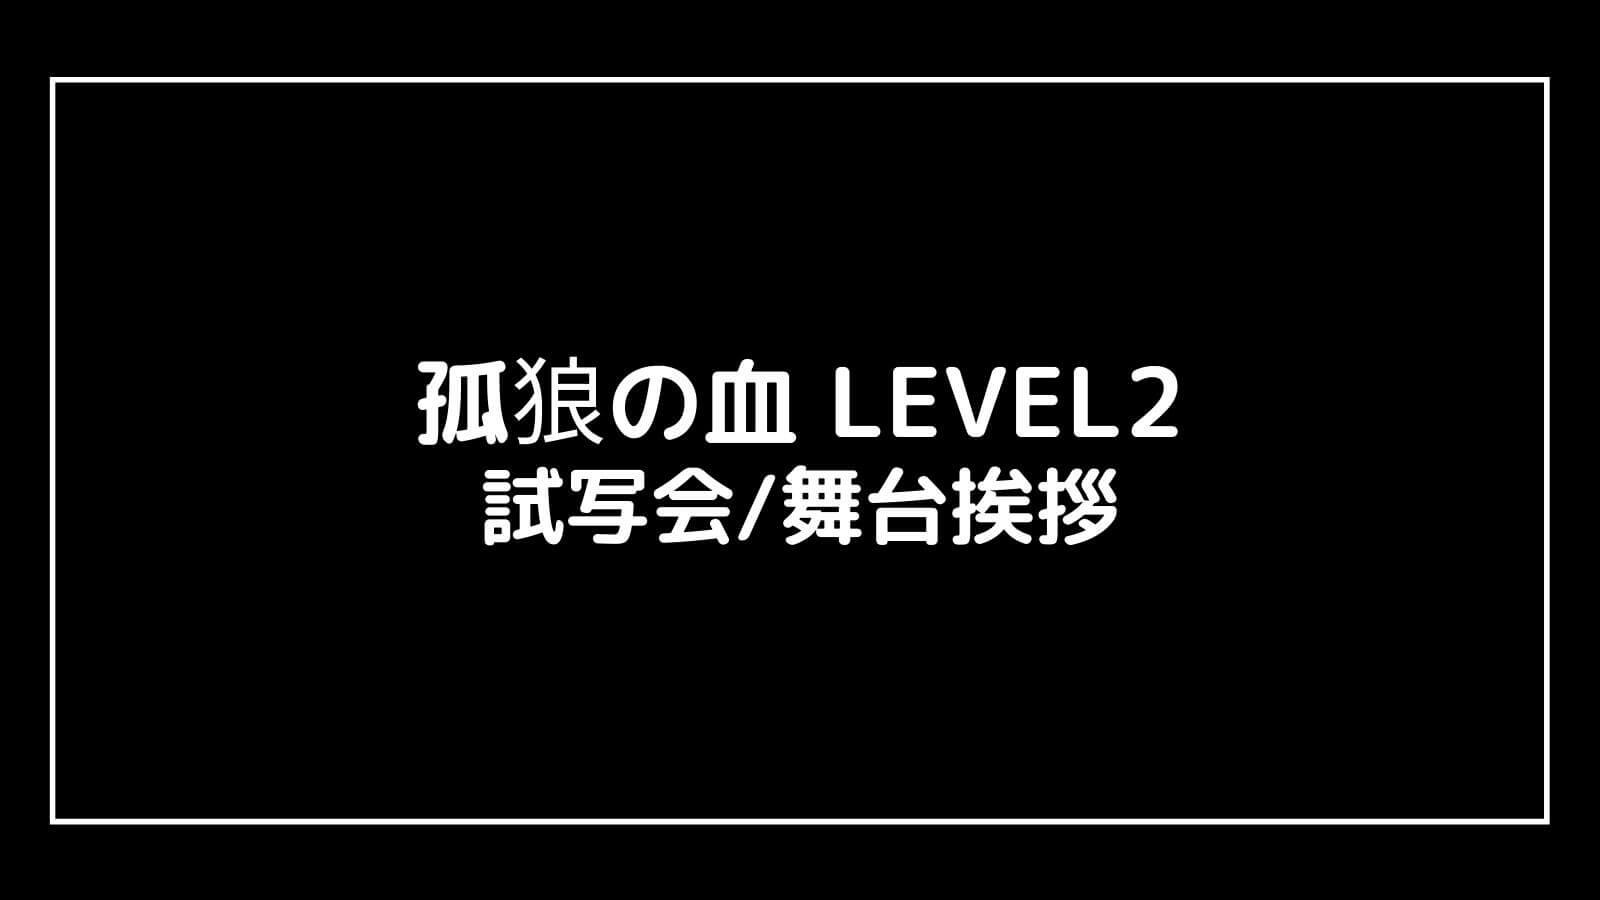 映画『孤狼の血 LEVEL2』の試写会と舞台挨拶ライブビューイング情報